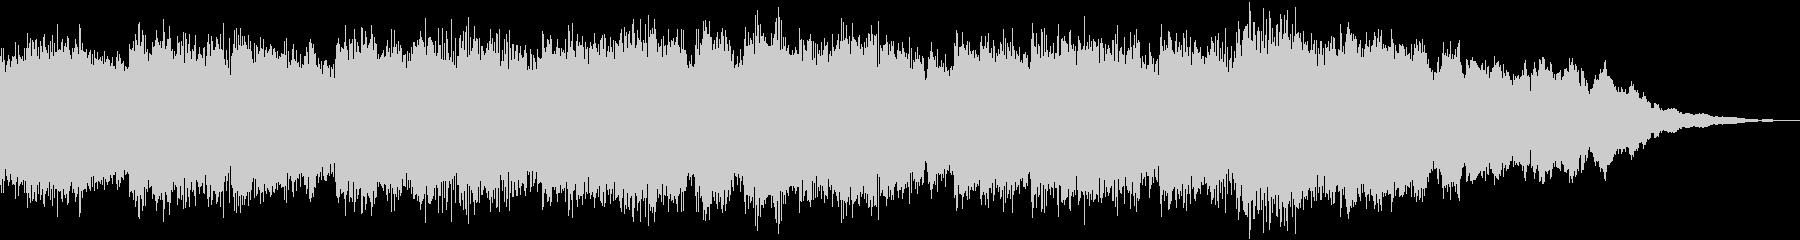 15秒CM用ピアノSEの未再生の波形